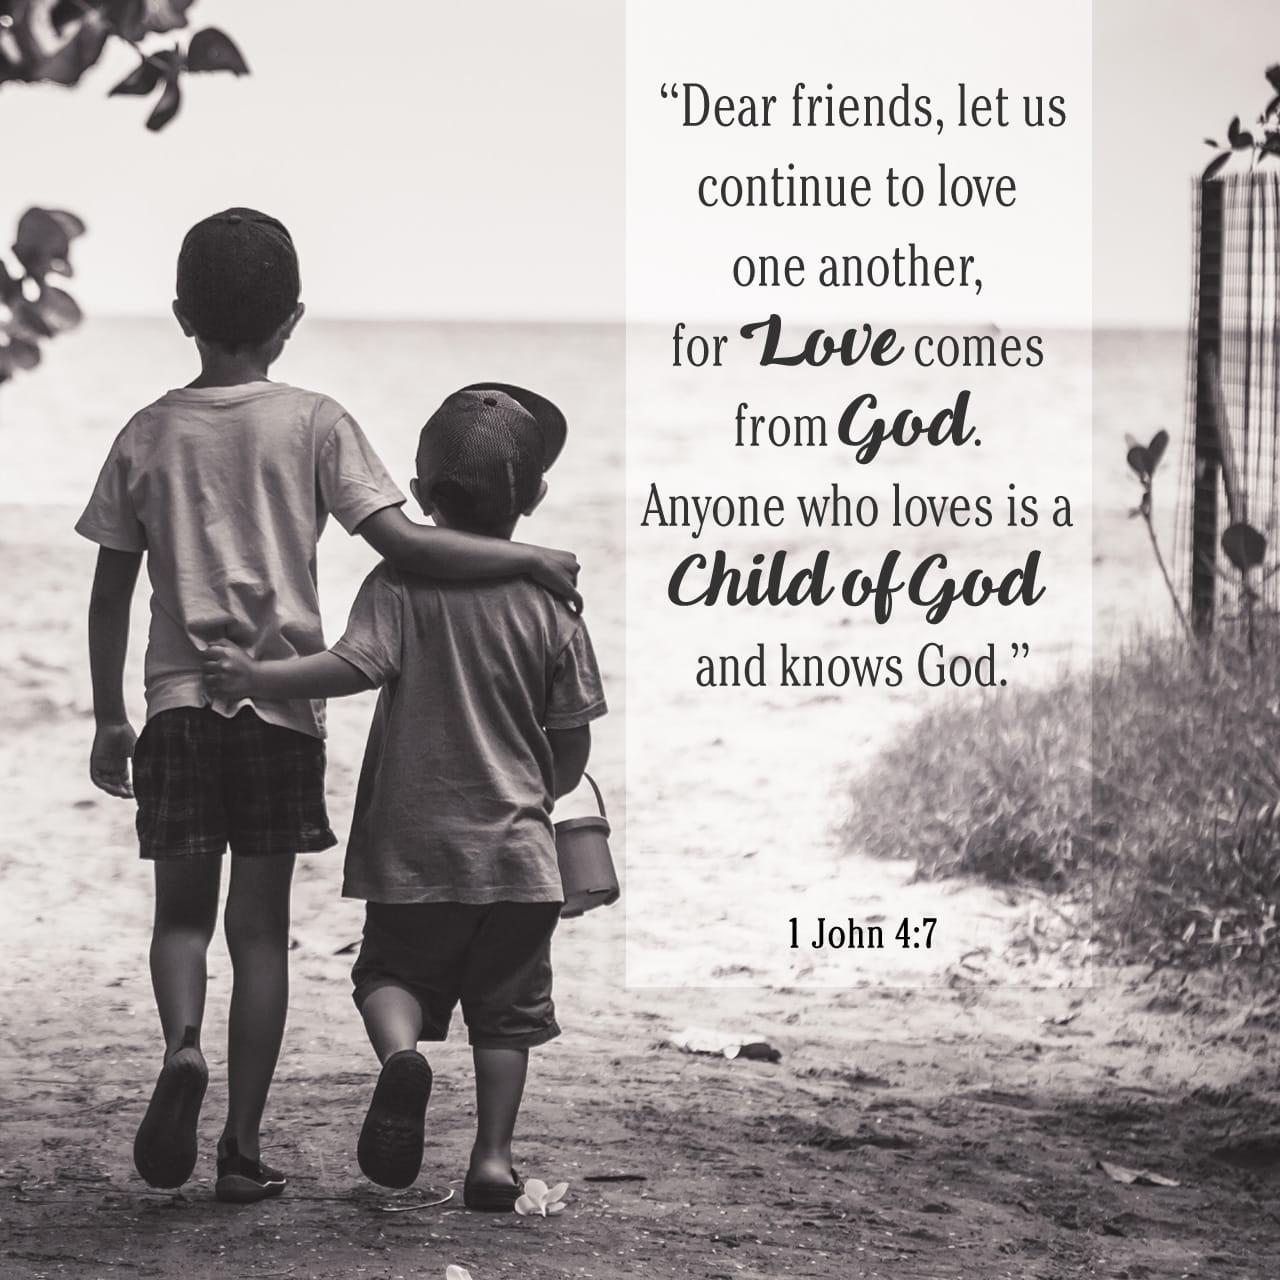 1 João 4:7-10 Amados, amemos uns aos outros, pois o amor procede de Deus. Aquele que ama é nascido de Deus e conhece a Deus. Quem não ama não conhece a Deus, porque Deus é amor. Foi assim que Deus manifestou o seu | Nova Versão Internacional Português (NVI-P)